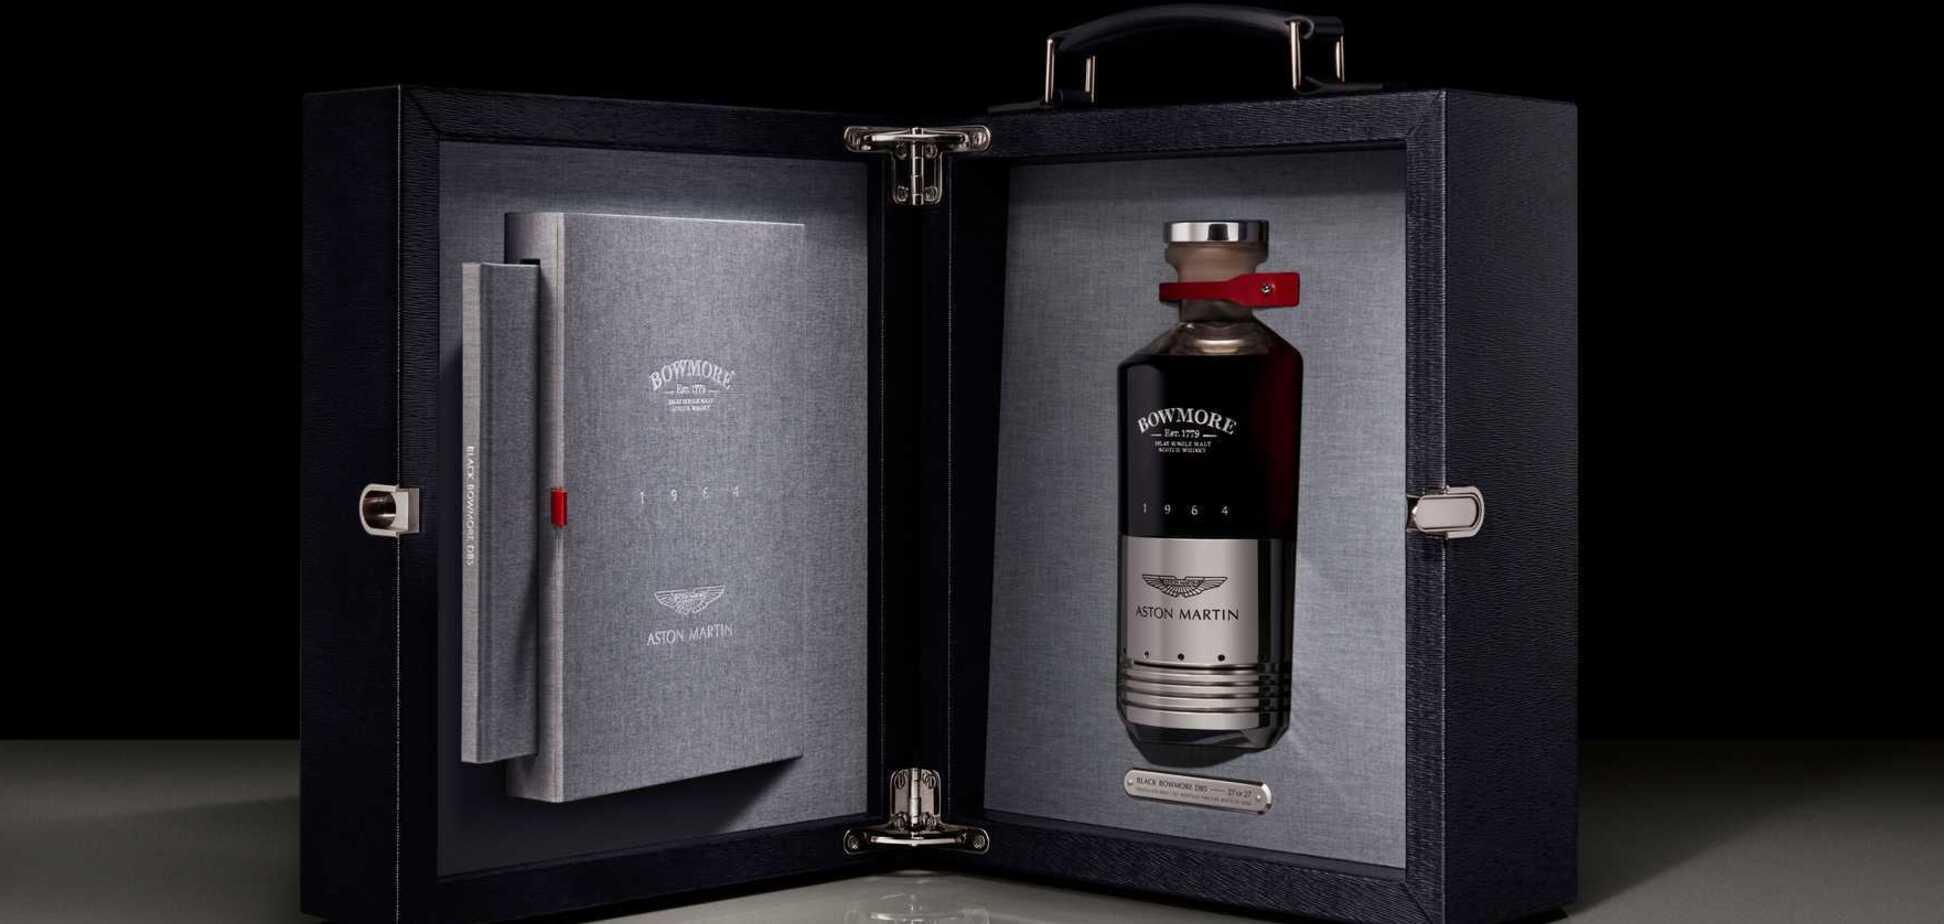 Віскі Black Bowmore DB5 1 964 – дуже дорогий алкоголь. Фото: Motor1